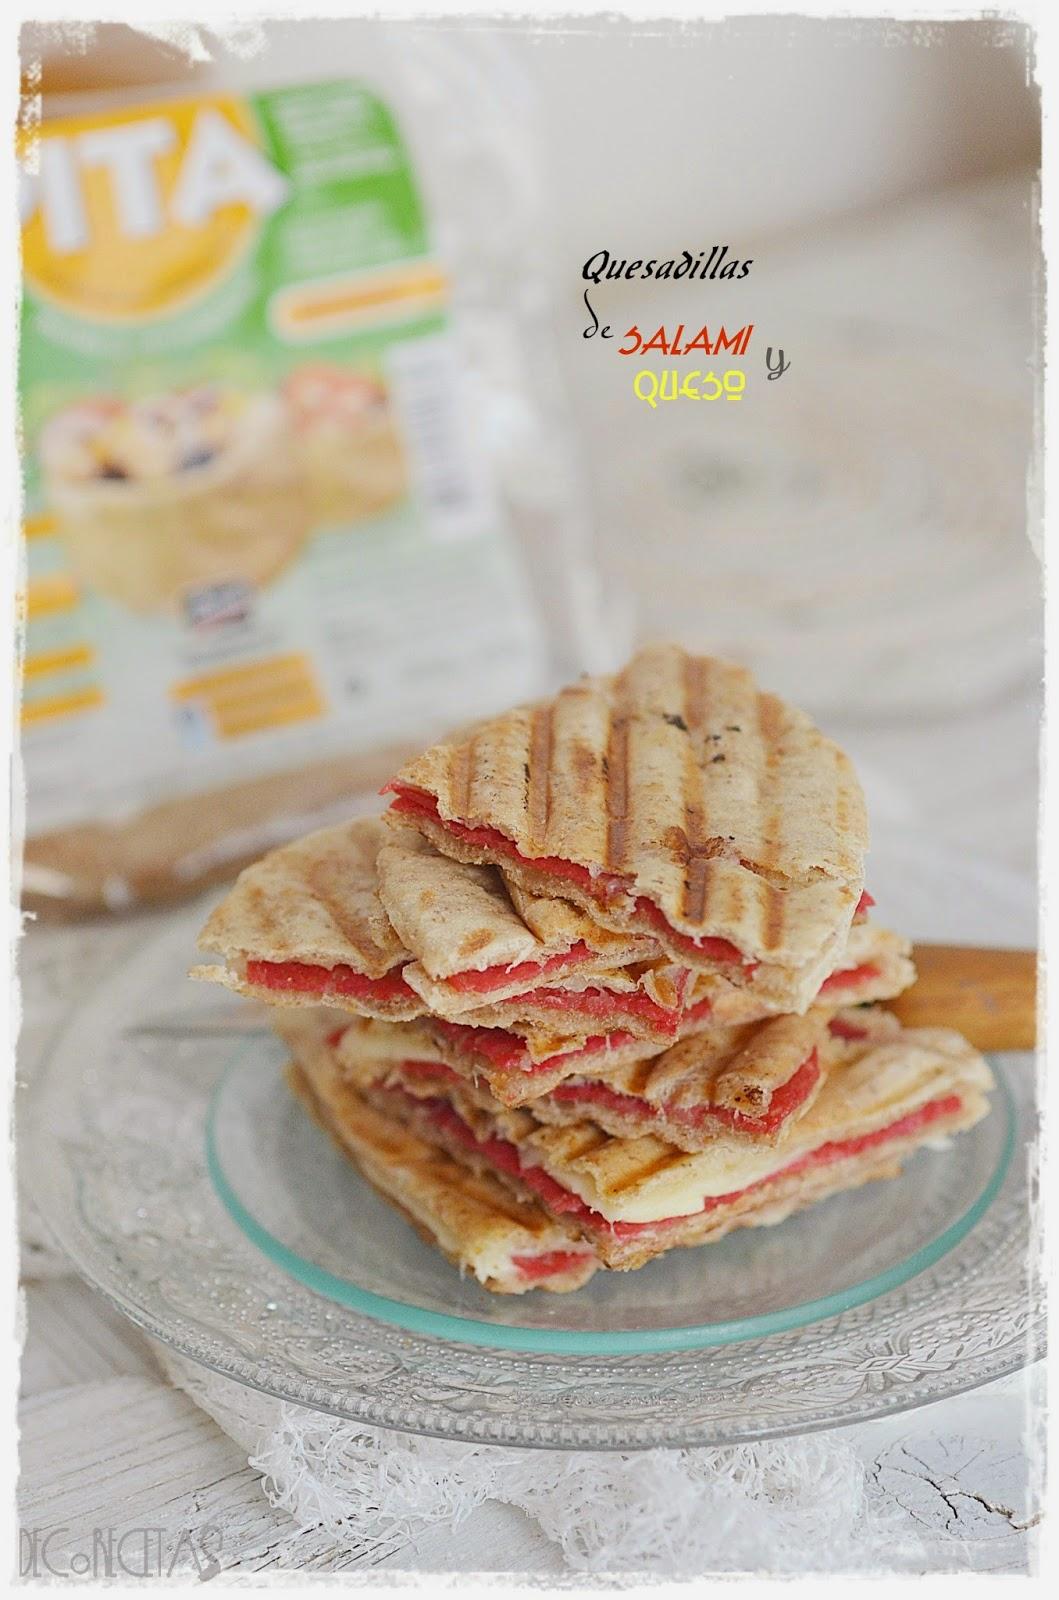 Quesadillas de salami y queso